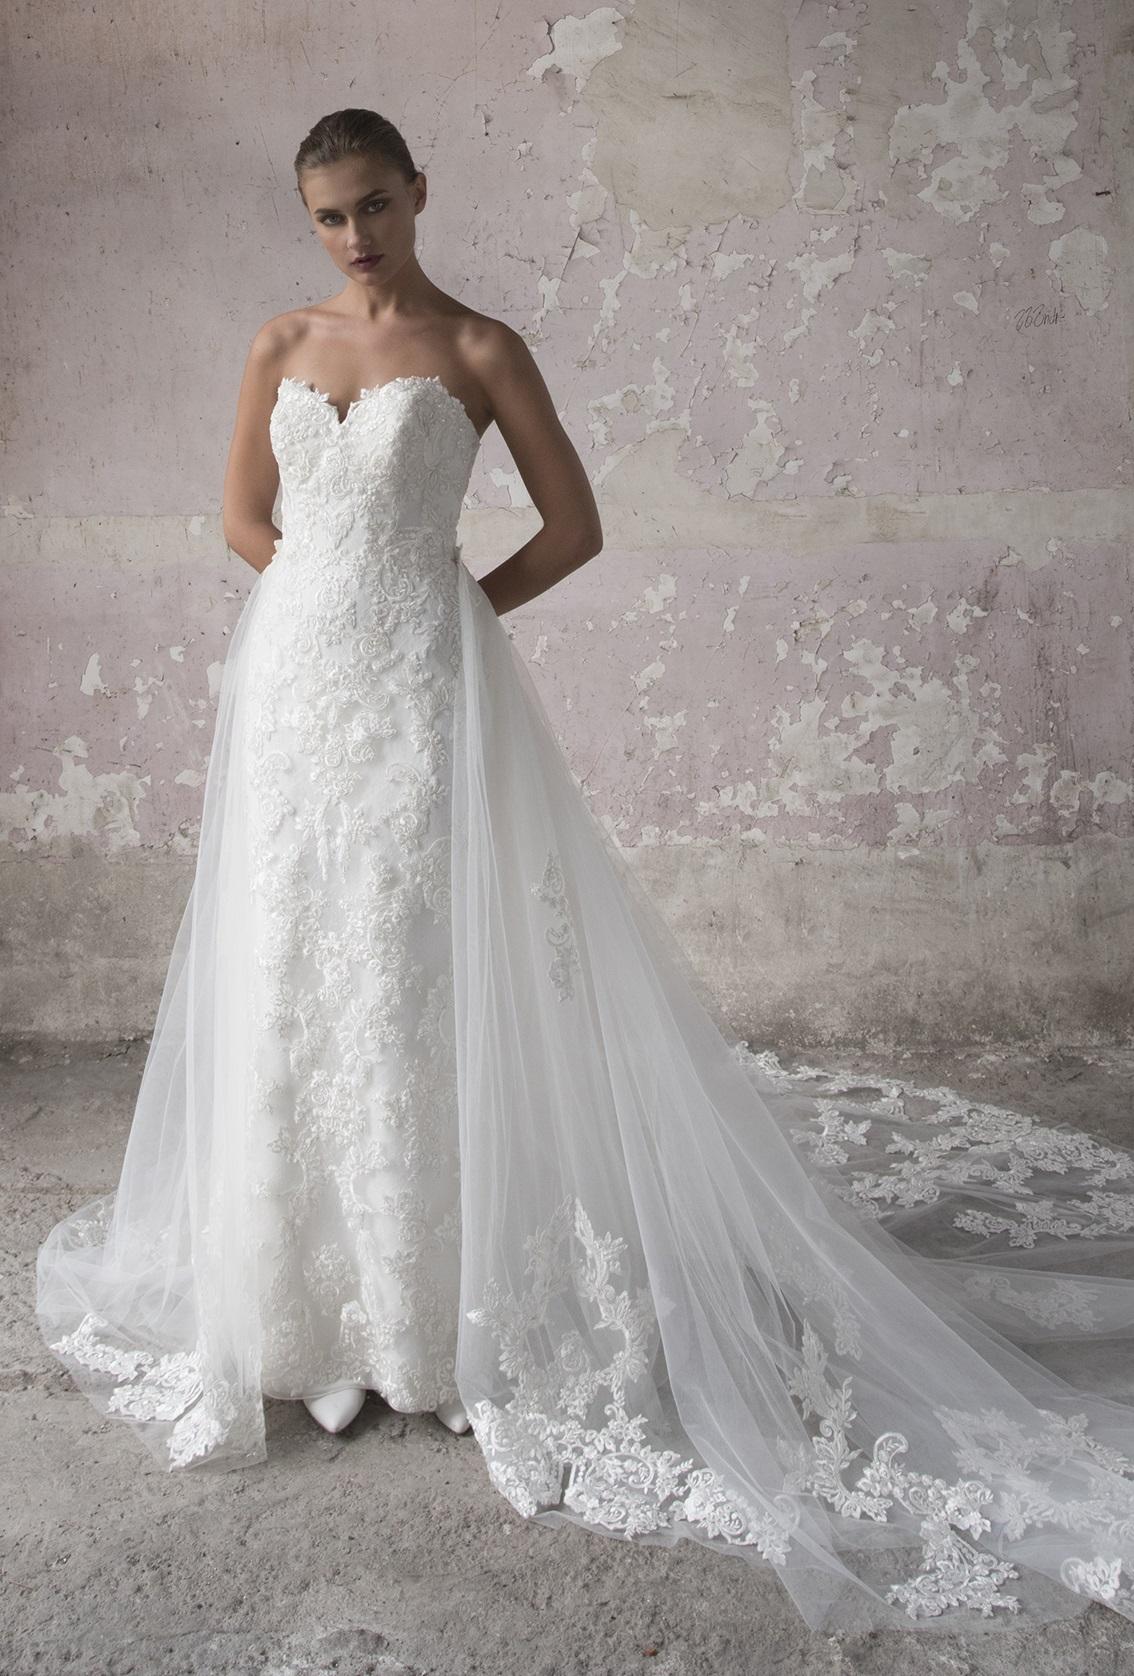 bfab610c1da Vestido recto, con una espectacular cauda desmontable. Su espalda con  agujeta cruzada y escote straplee definirá tu natural belleza.